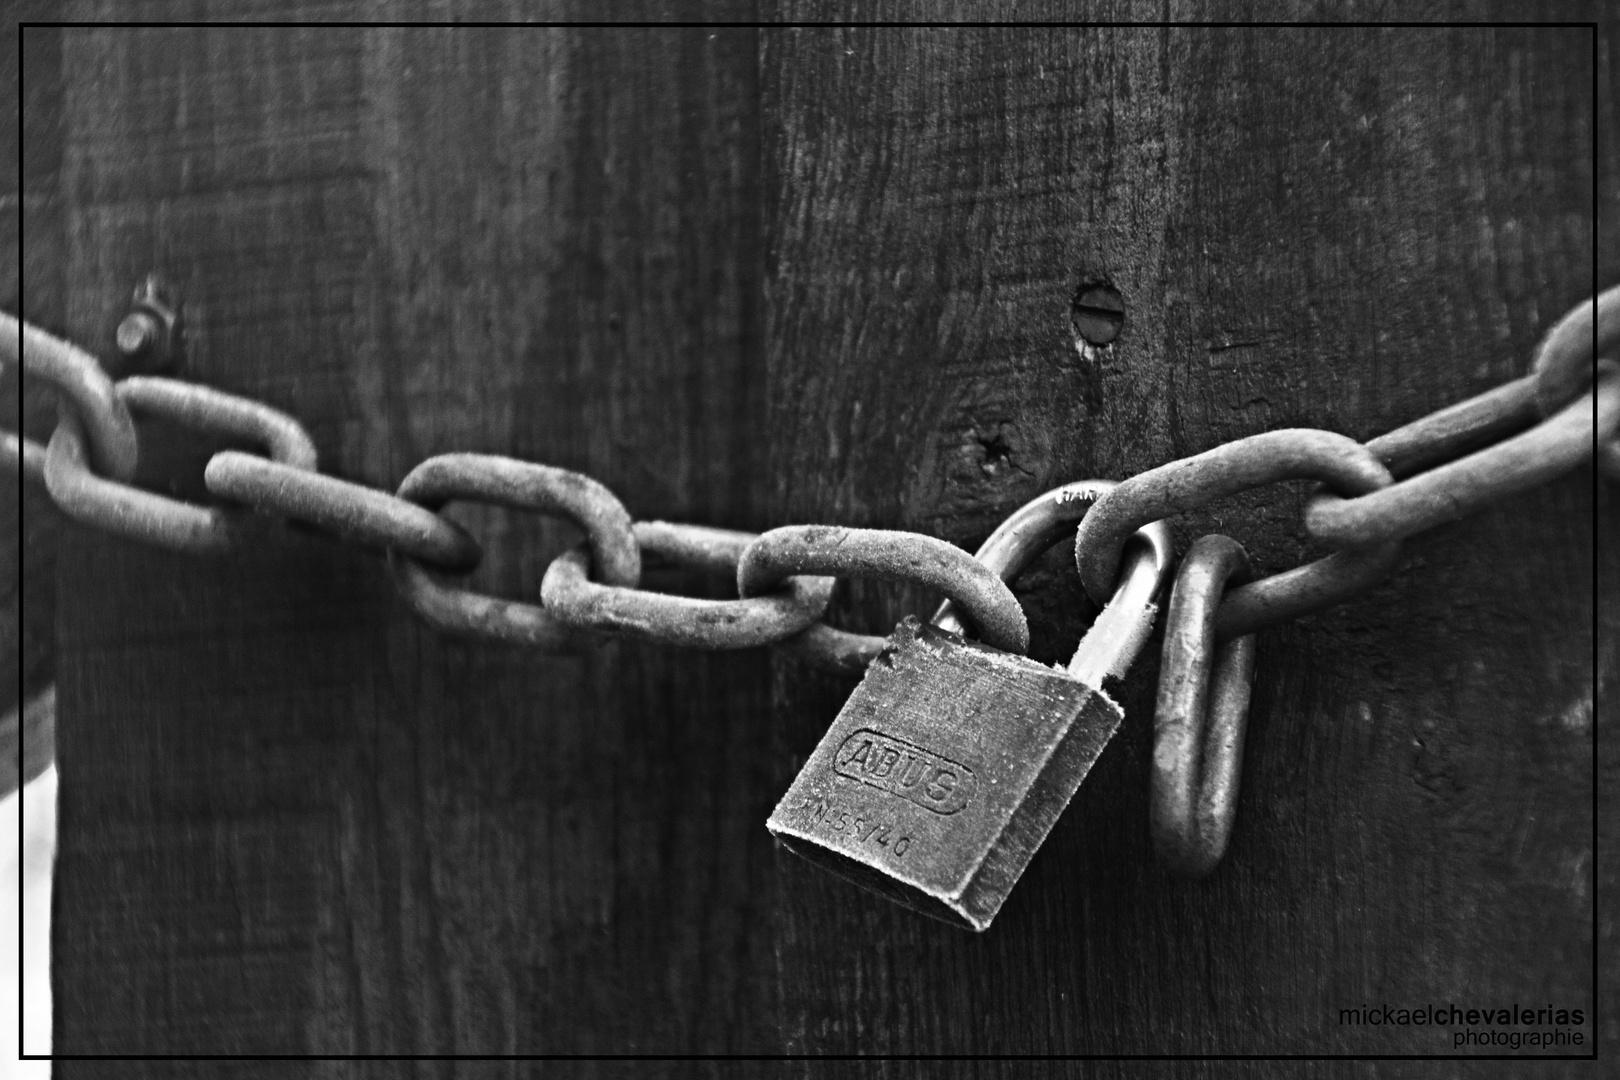 Qui détient la clé?